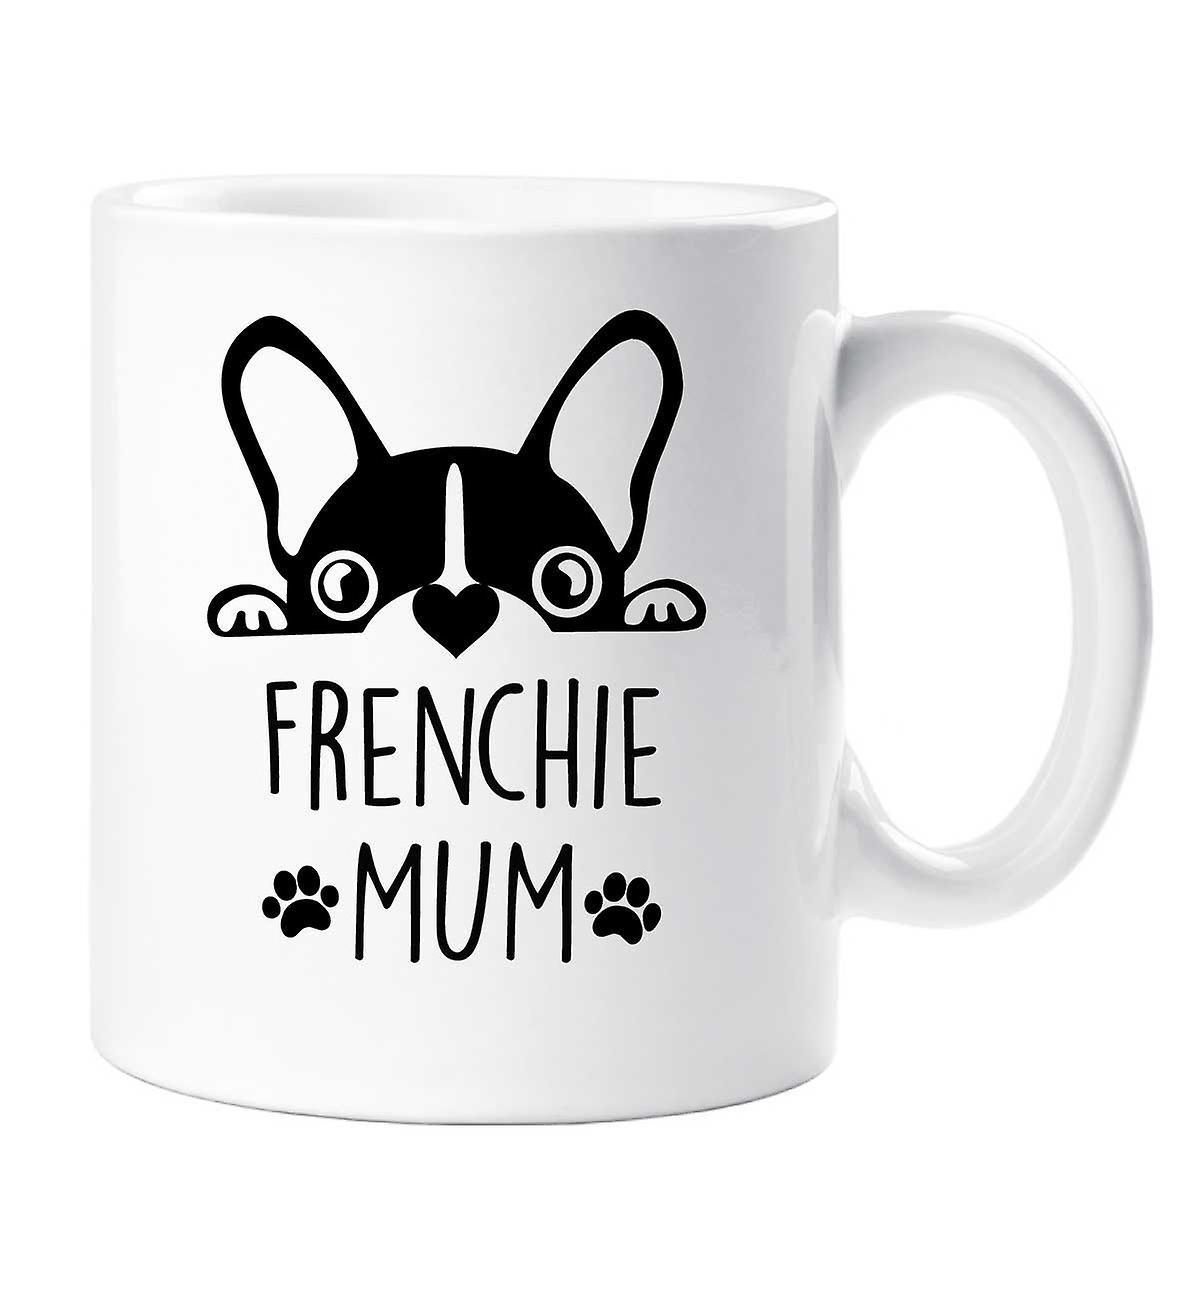 Maman Frenchie Mug Maman Maman Mug Frenchie Mug bYfy76g